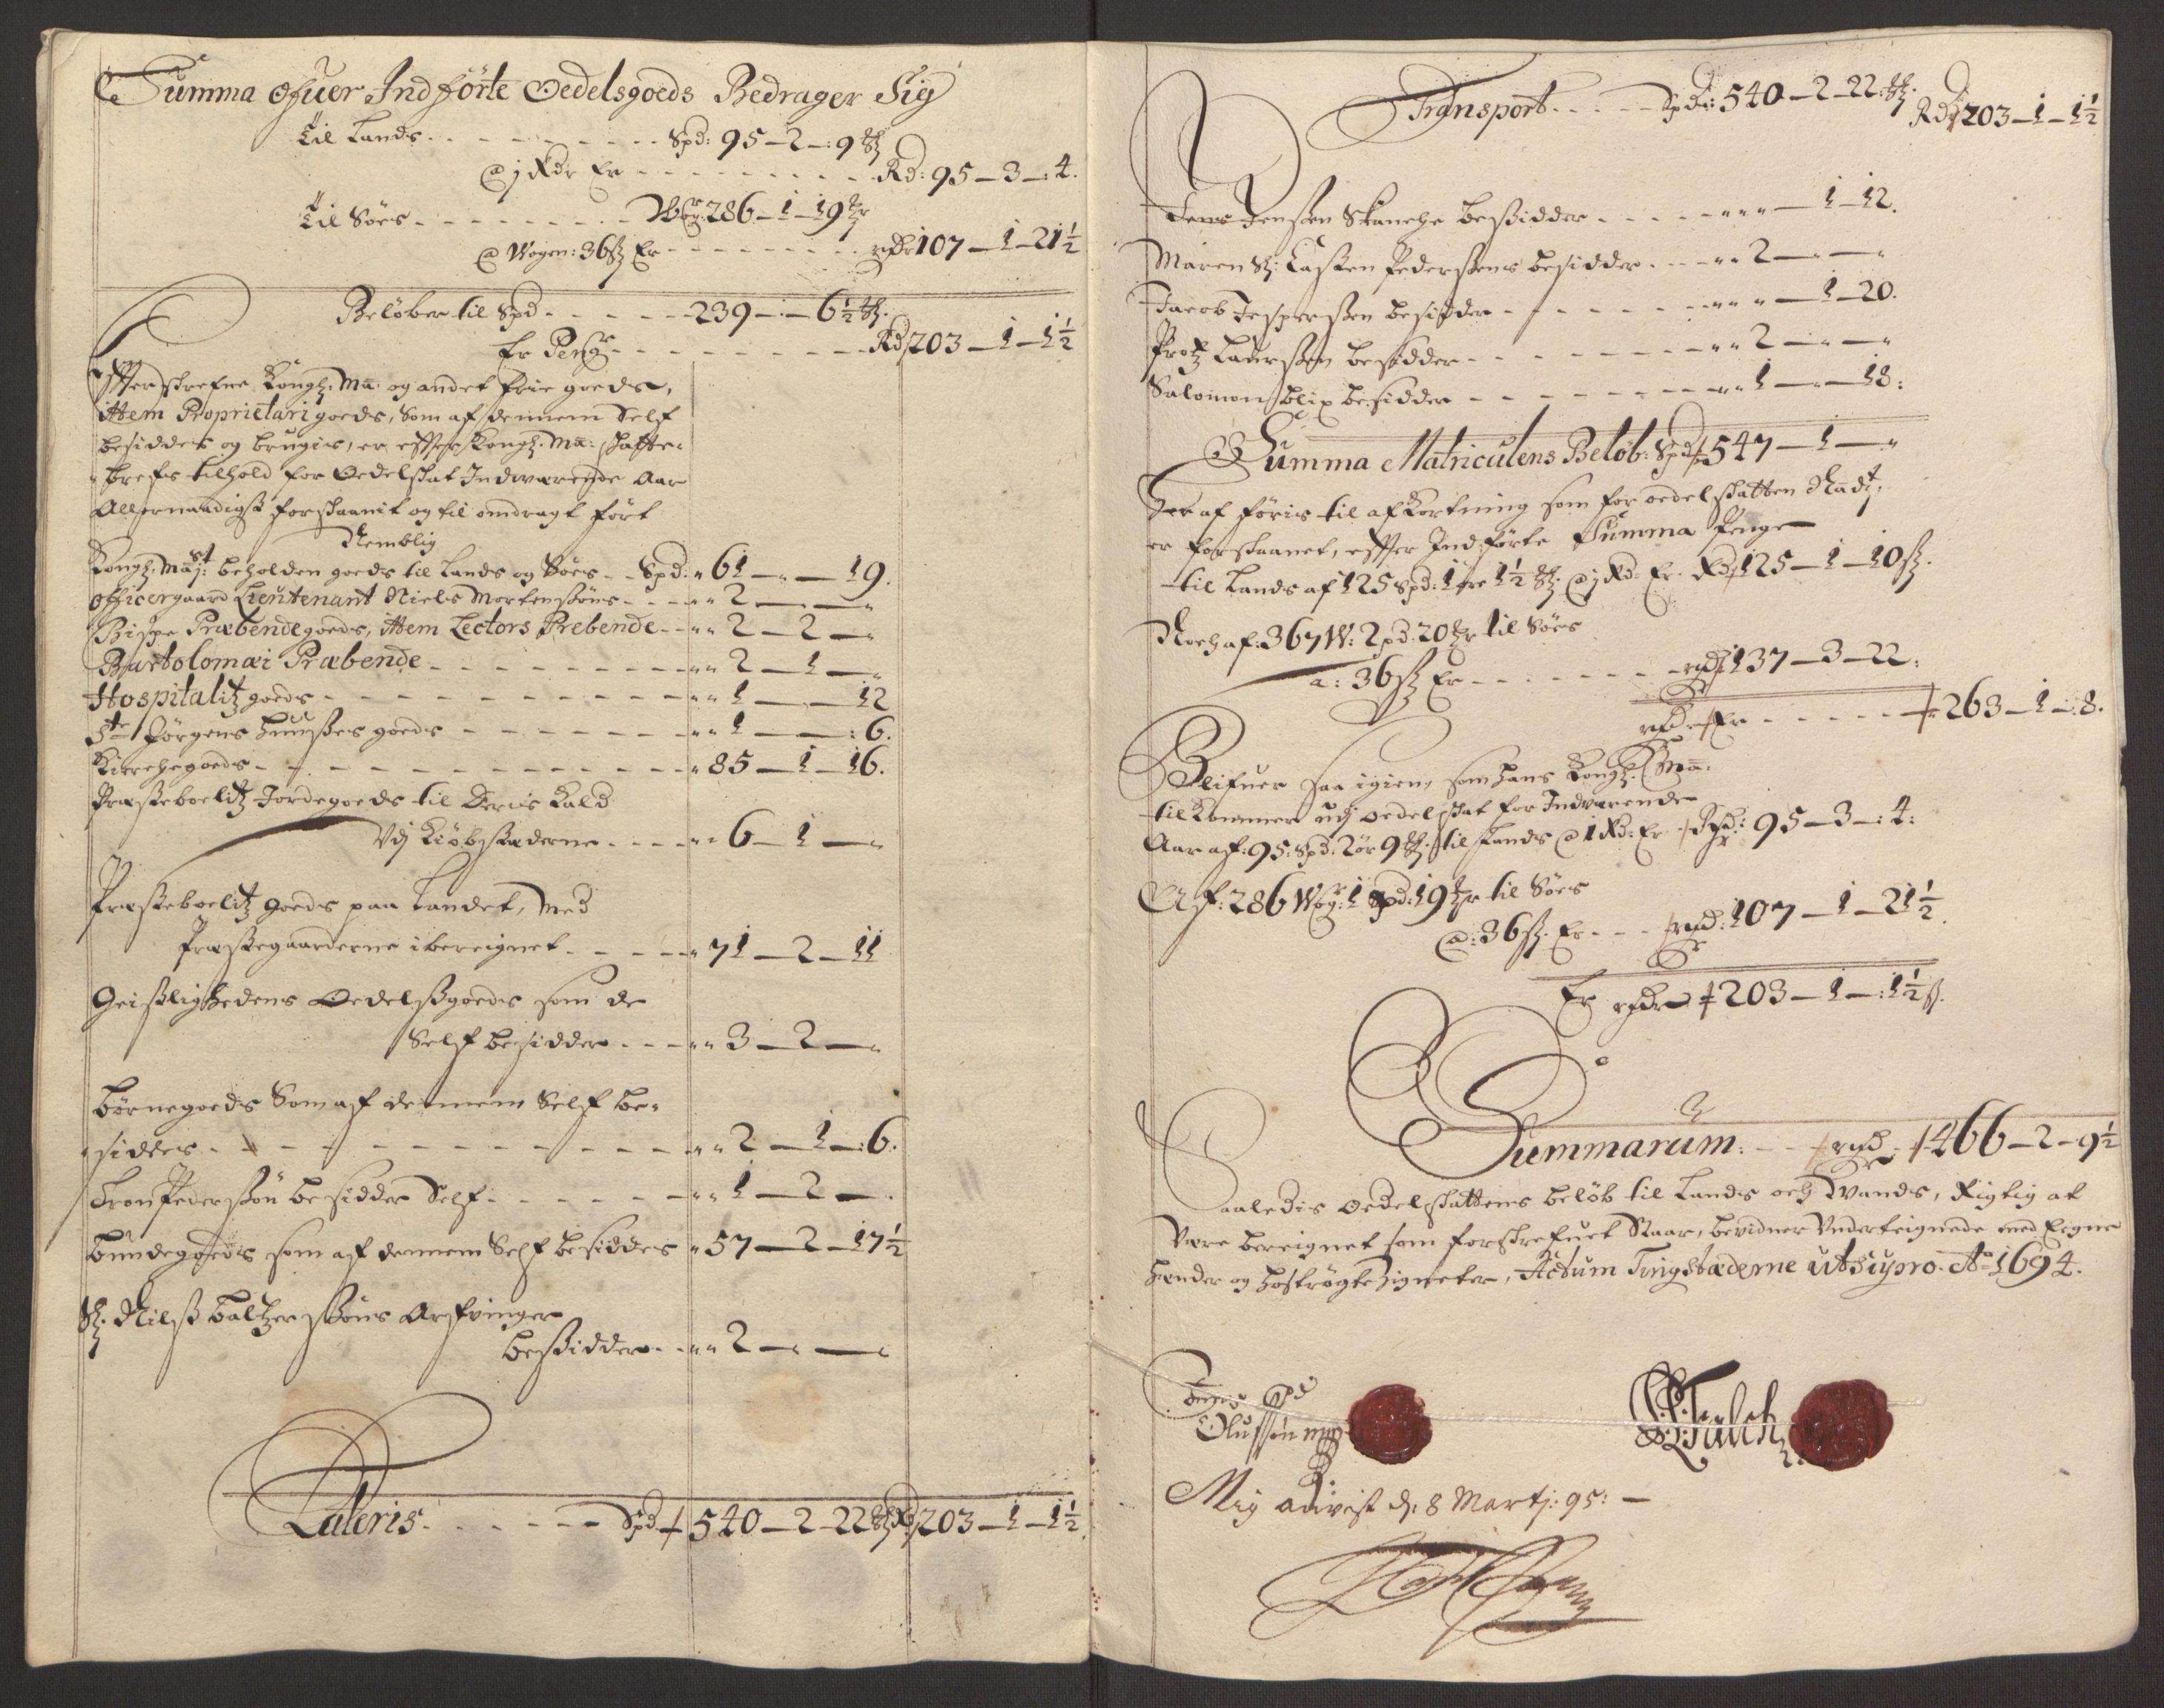 RA, Rentekammeret inntil 1814, Reviderte regnskaper, Fogderegnskap, R64/L4424: Fogderegnskap Namdal, 1692-1695, s. 350